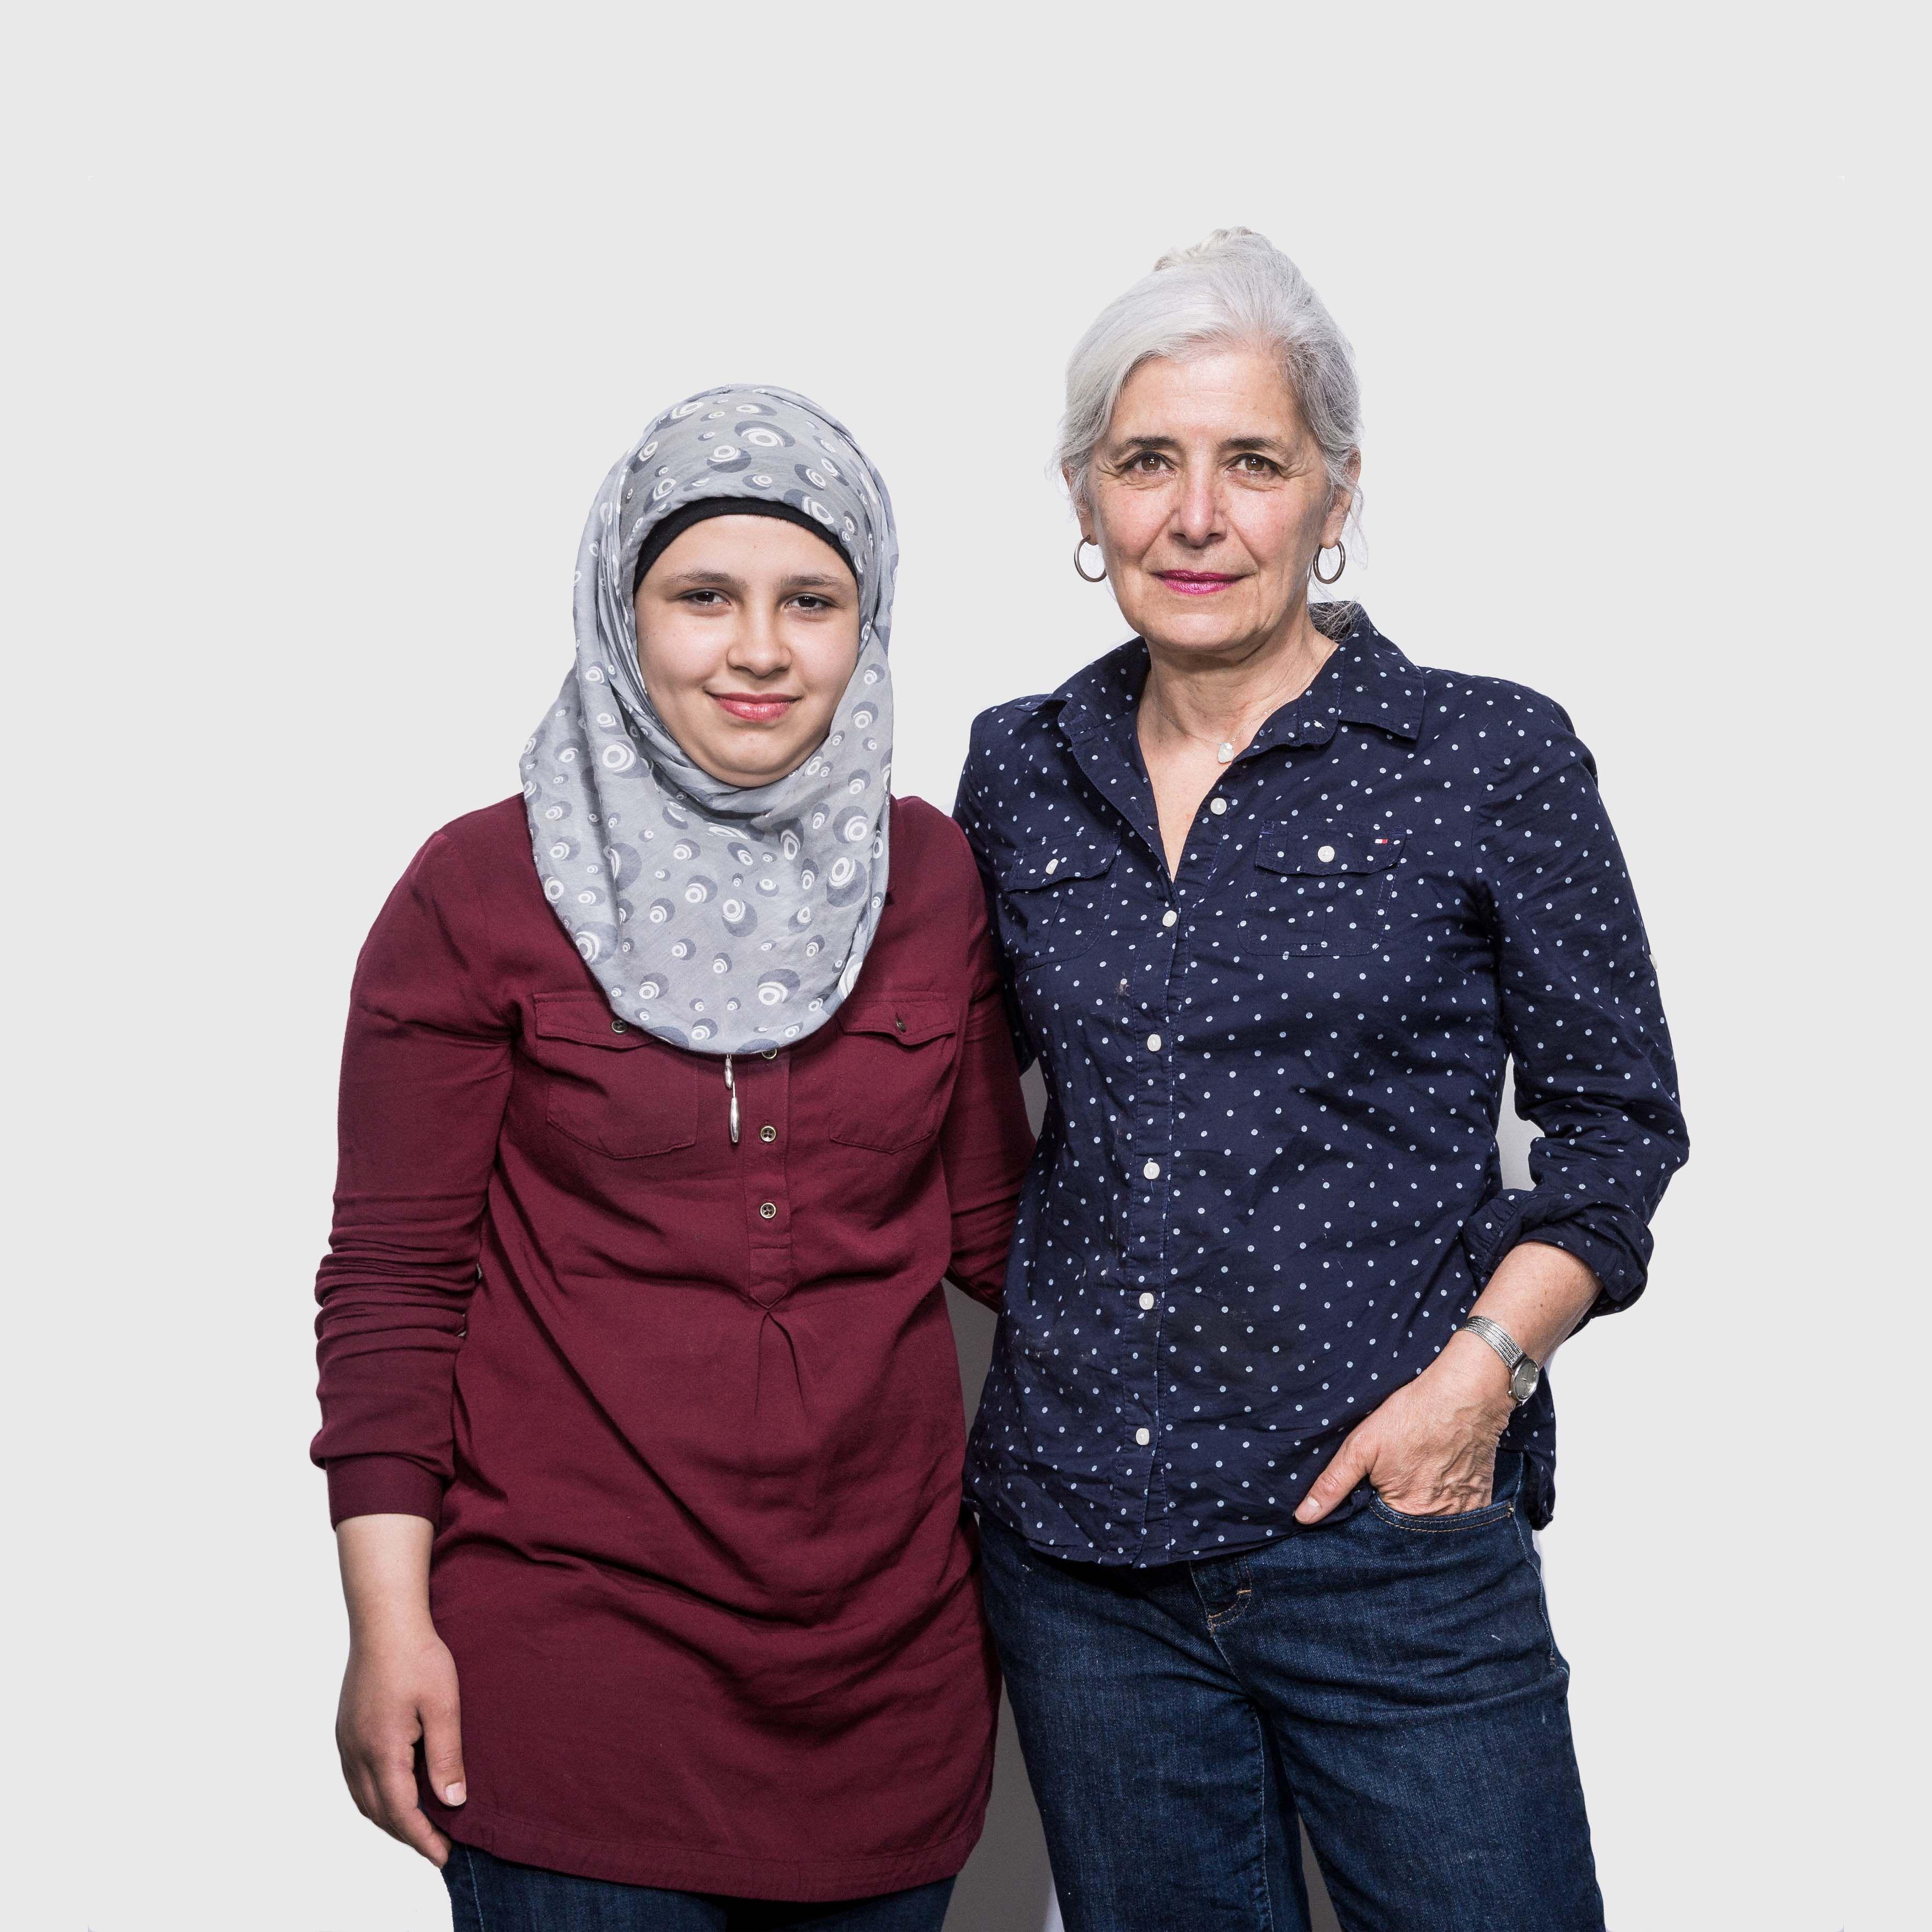 Refugees Refugee, Syrian refugees, Foreign words